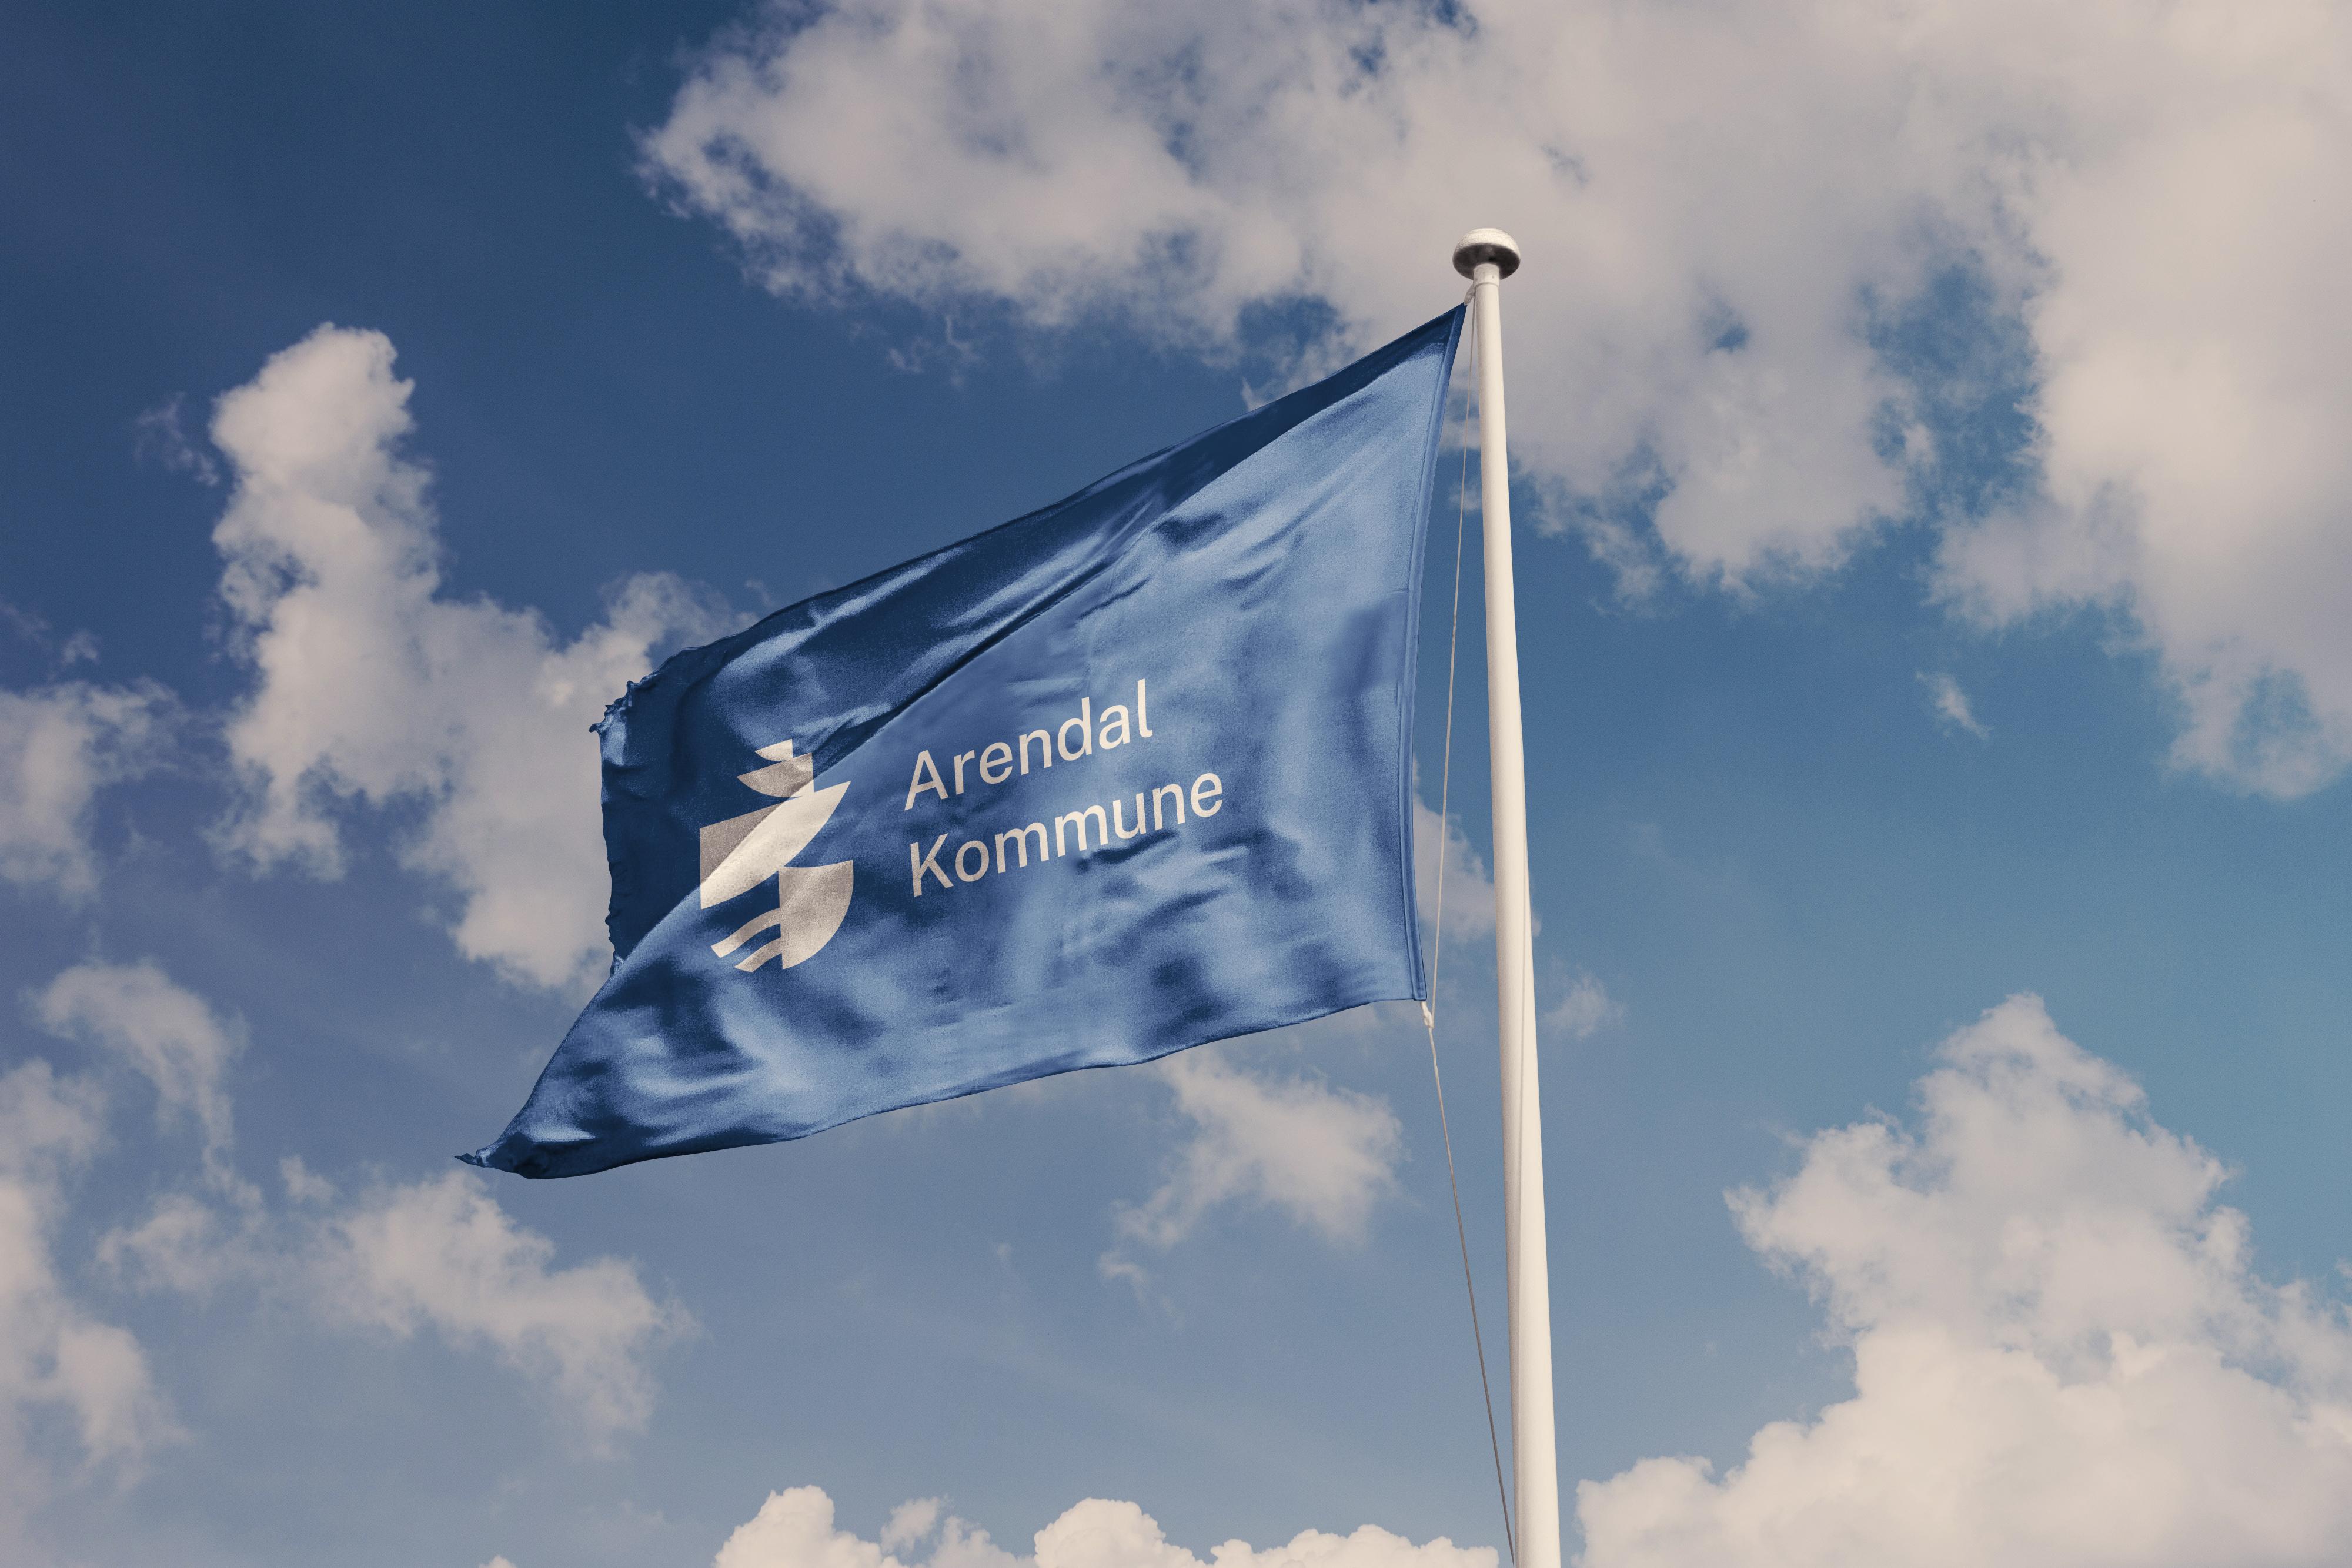 Westerdals institutt for kreativitet, fortelling og design - Visuell identitet for en kystkommune